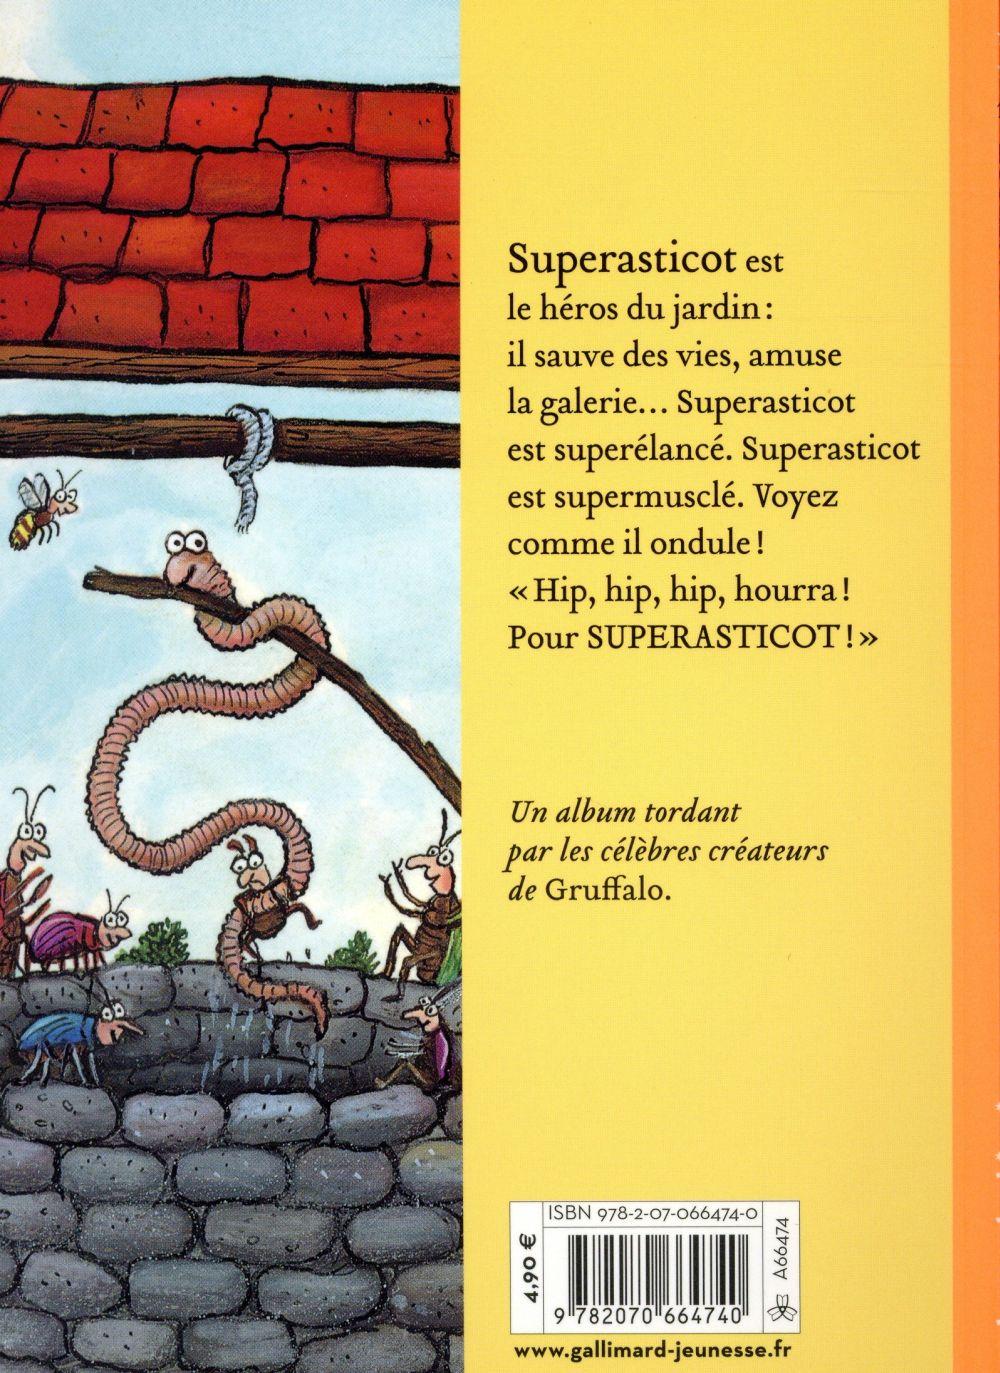 Superasticot